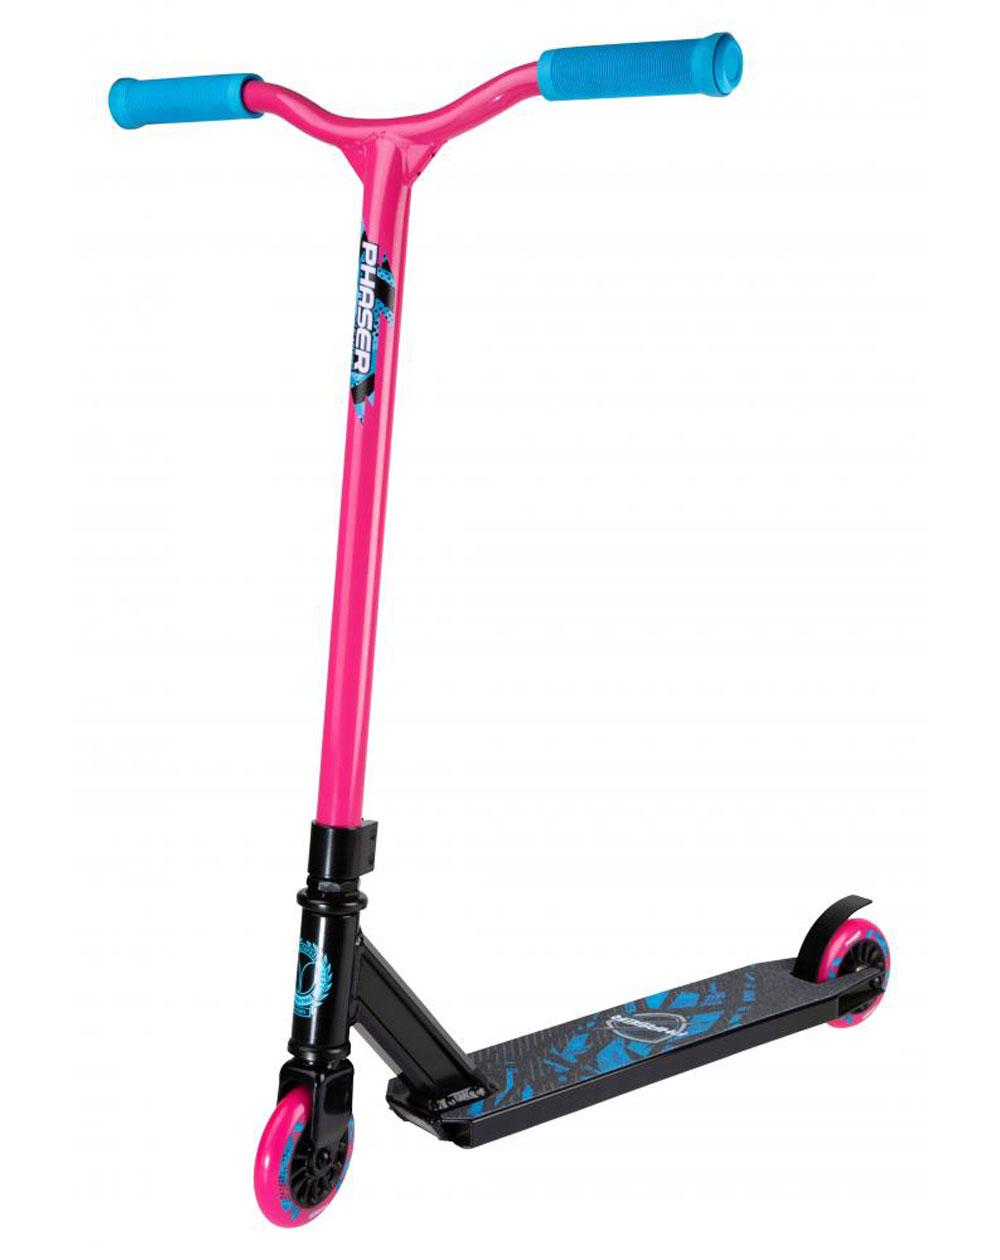 Blazer Pro Phaser 2 Stunt Scooter Pink